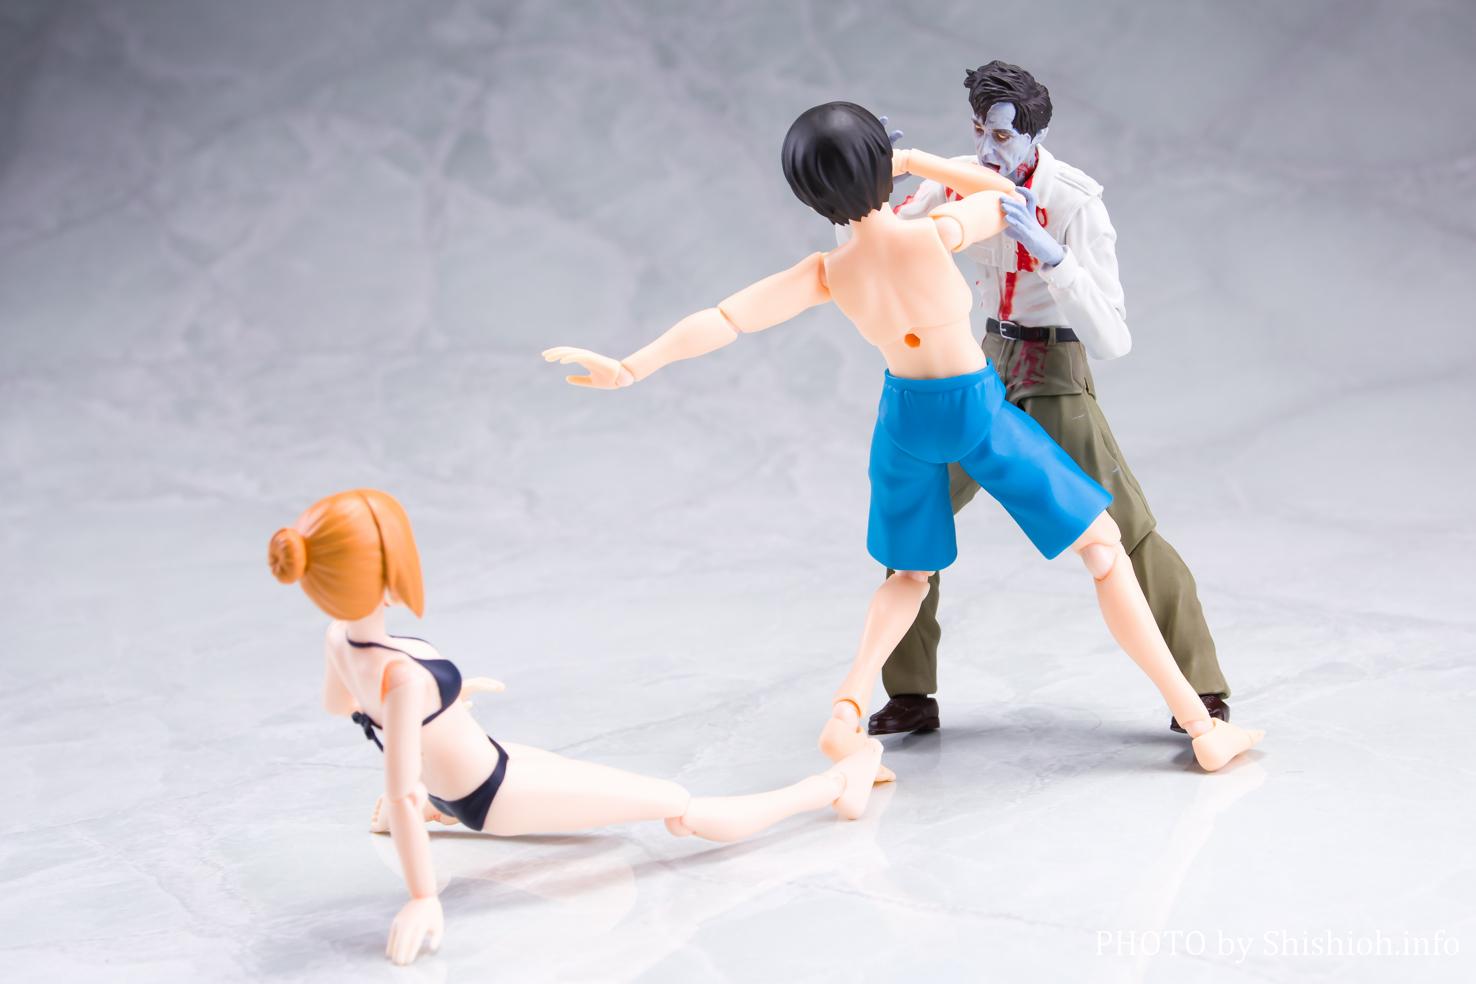 figma 水着男性body(リョウ)